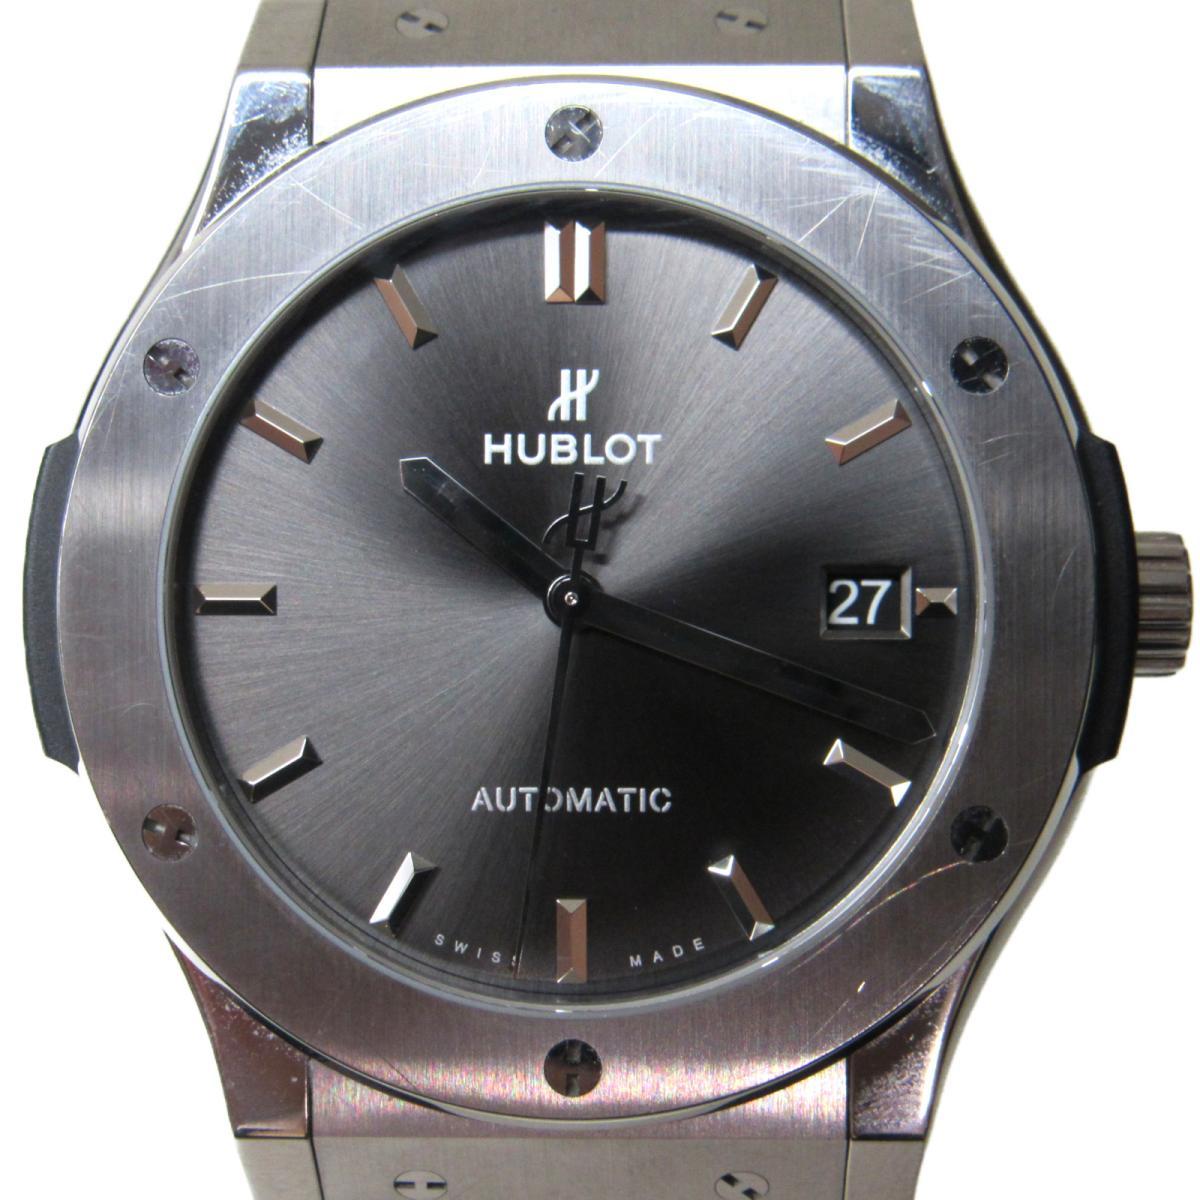 【中古】 ウブロ クラシックフュージョン 腕時計 ウォッチ メンズ レディース レザーベルト x チタン (511.NX.7071.LR) | HUBLOT ブランドオフ ブランド ブランド時計 ブランド腕時計 時計